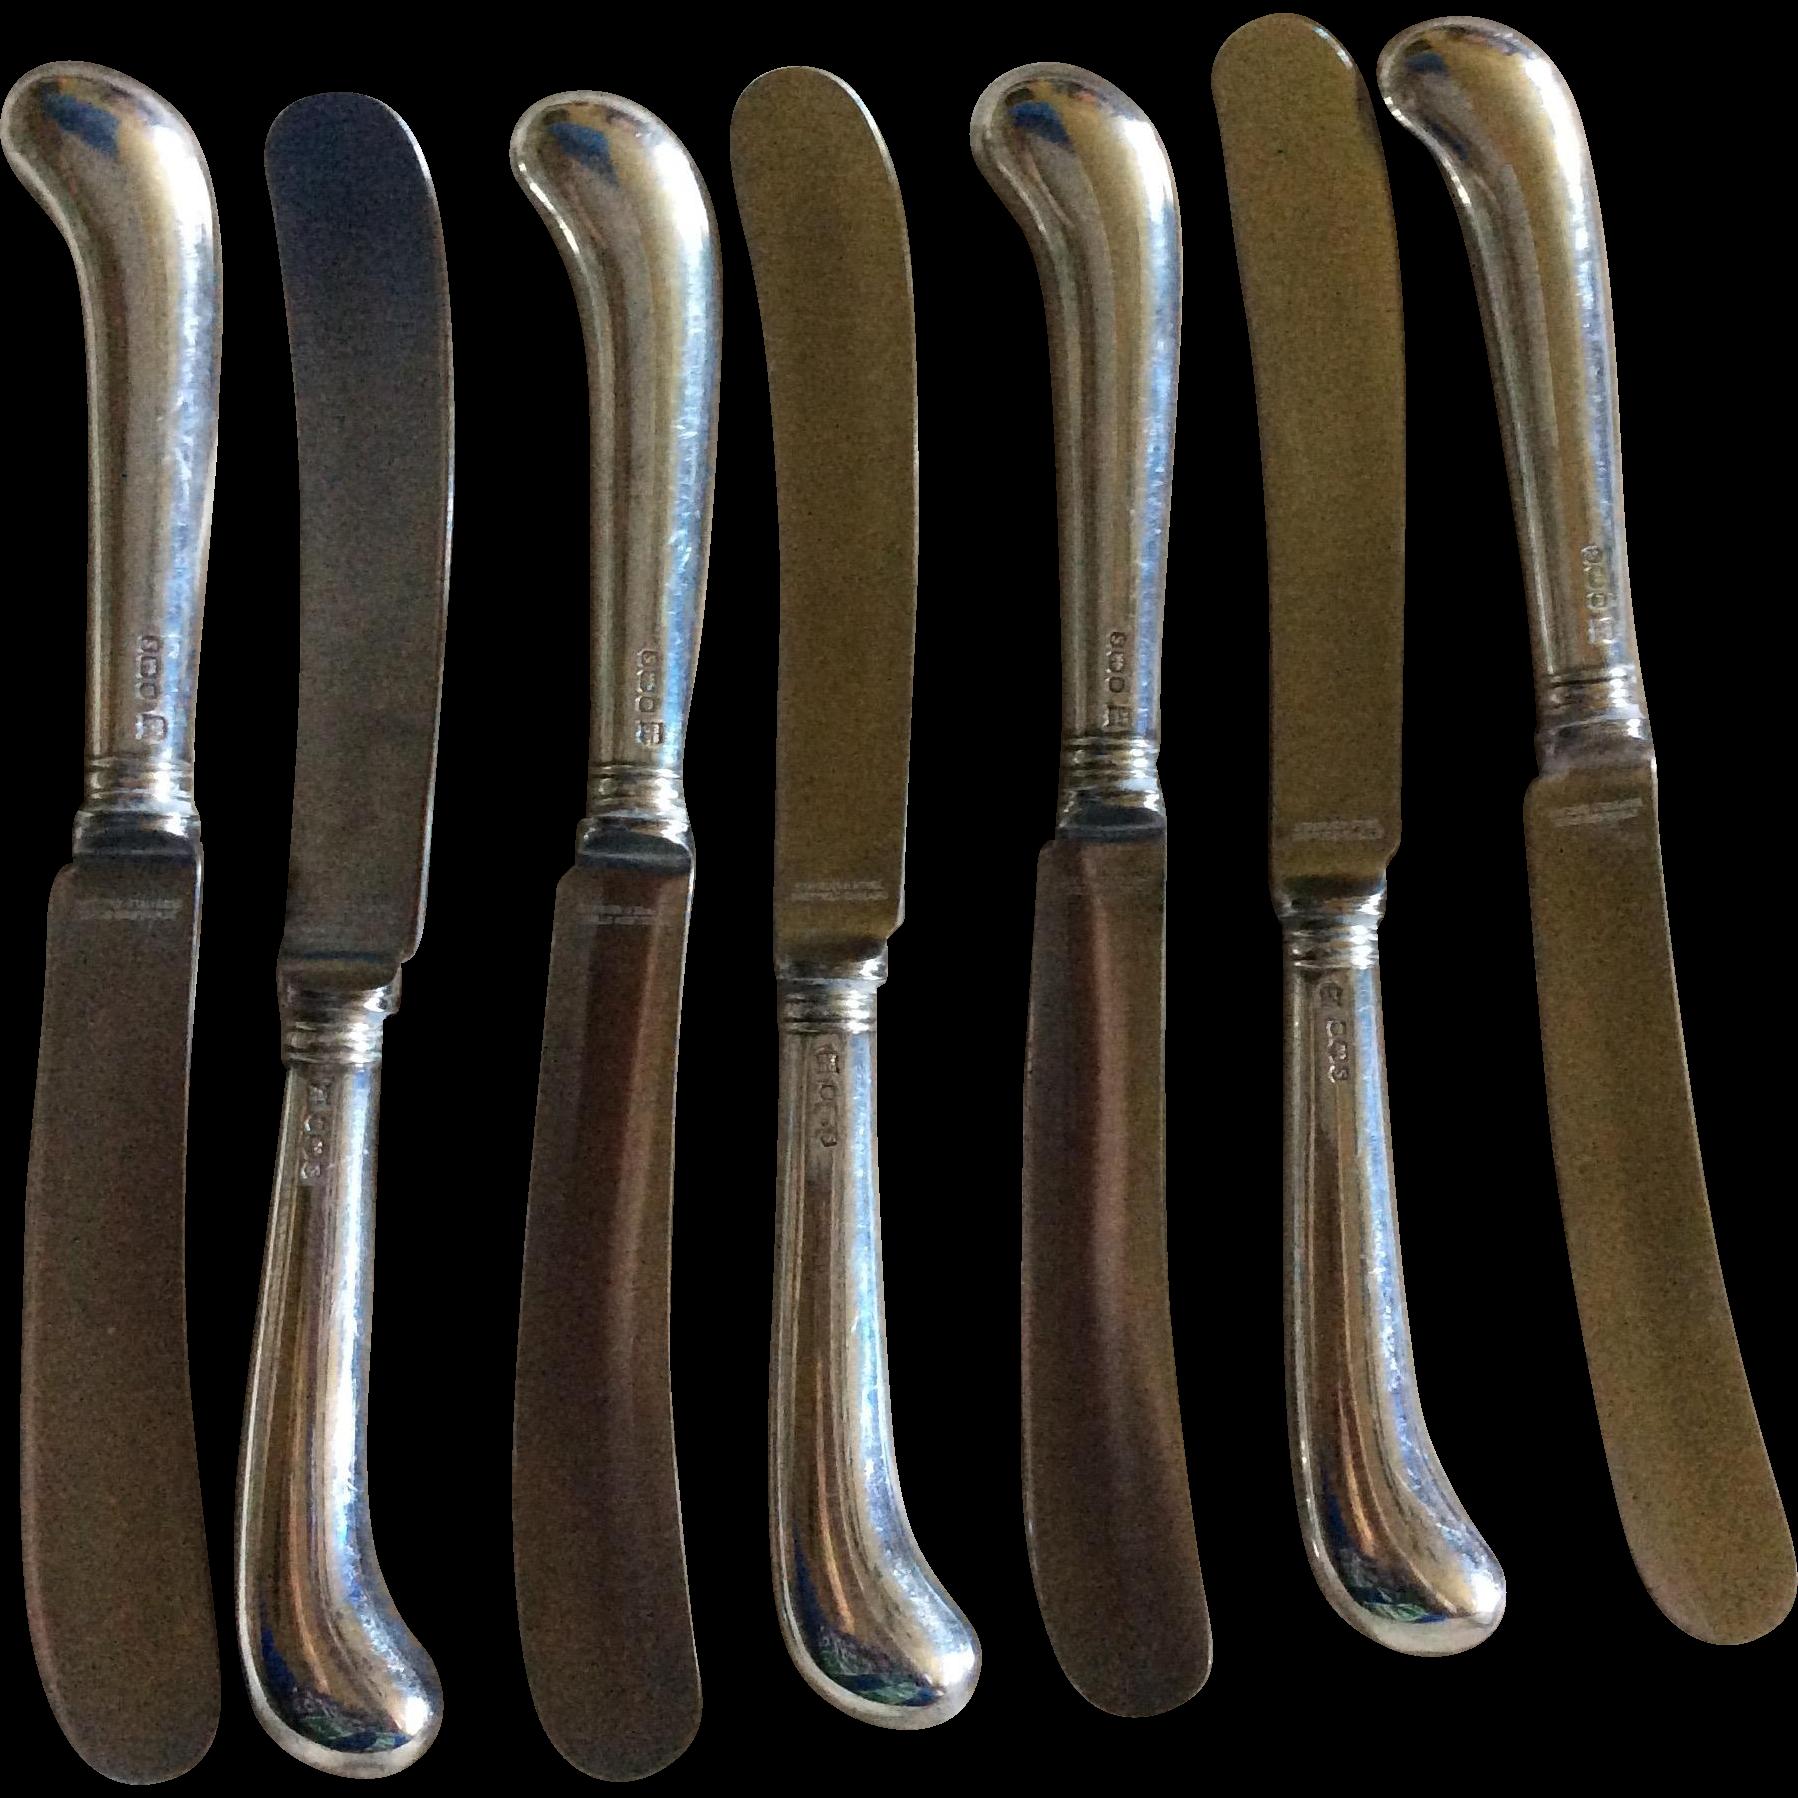 7 Pistol Grip English Sterling silver Spreader Knives